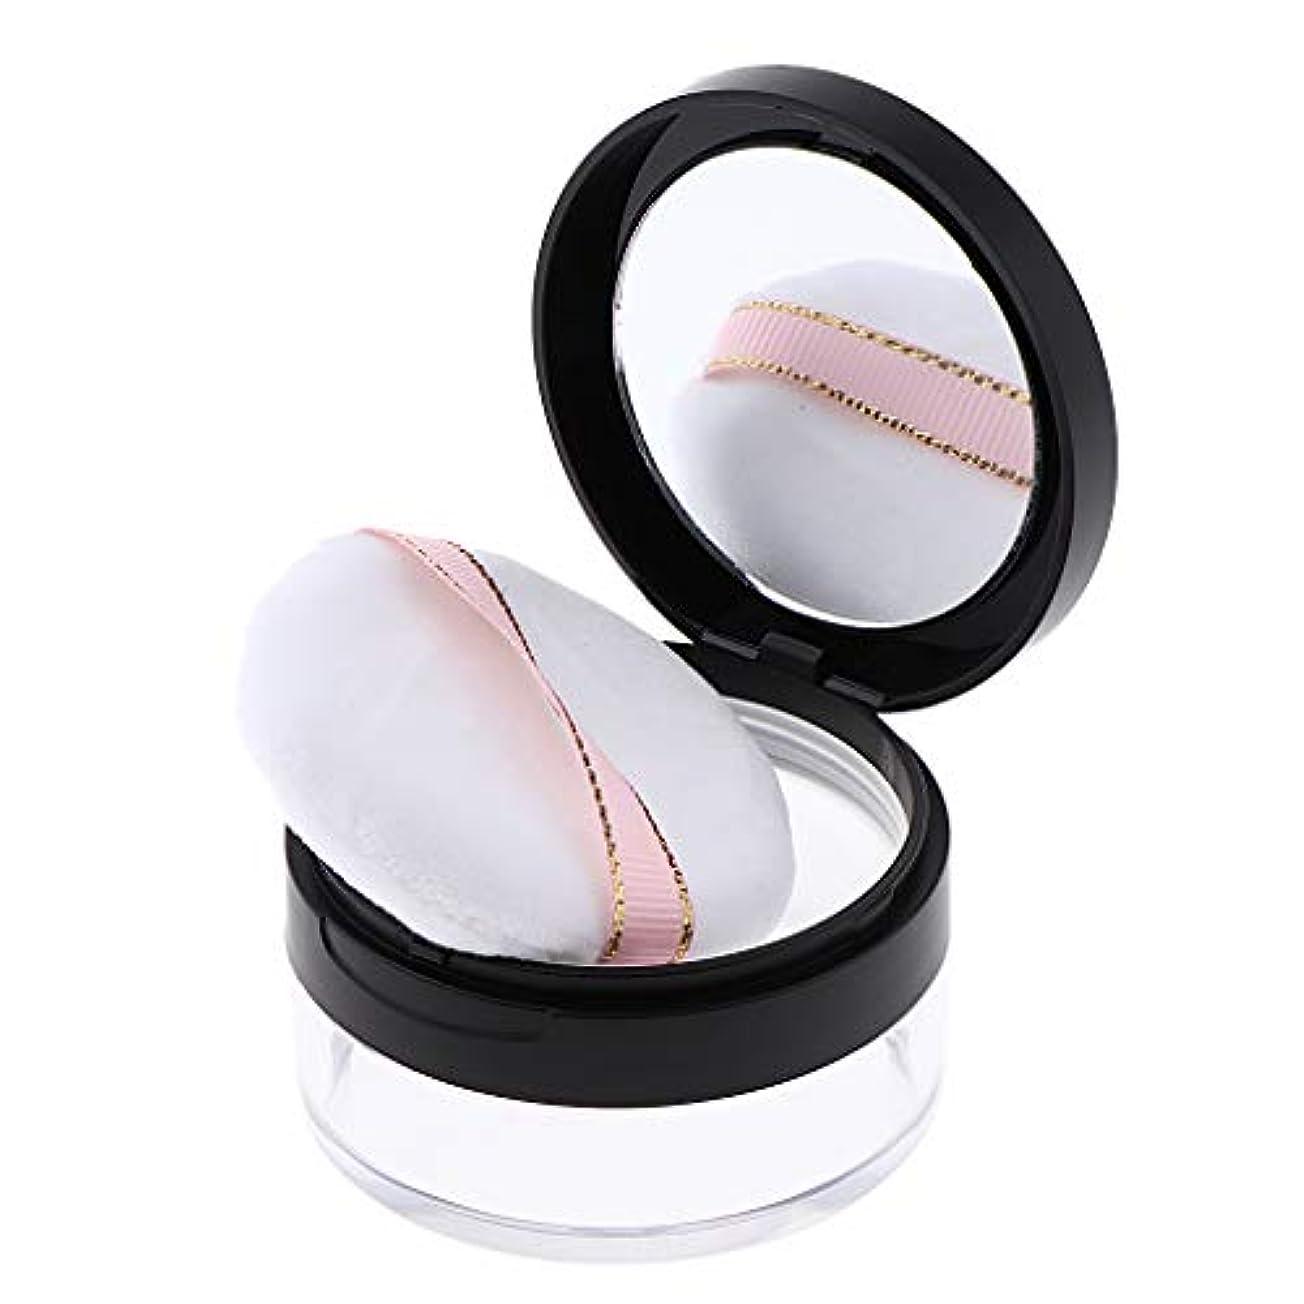 苦情文句指ウイルスルースパウダーケース メイクアップ ミラー 化粧鏡 化粧パフ DIY コスメ 2色選べ - ブラック